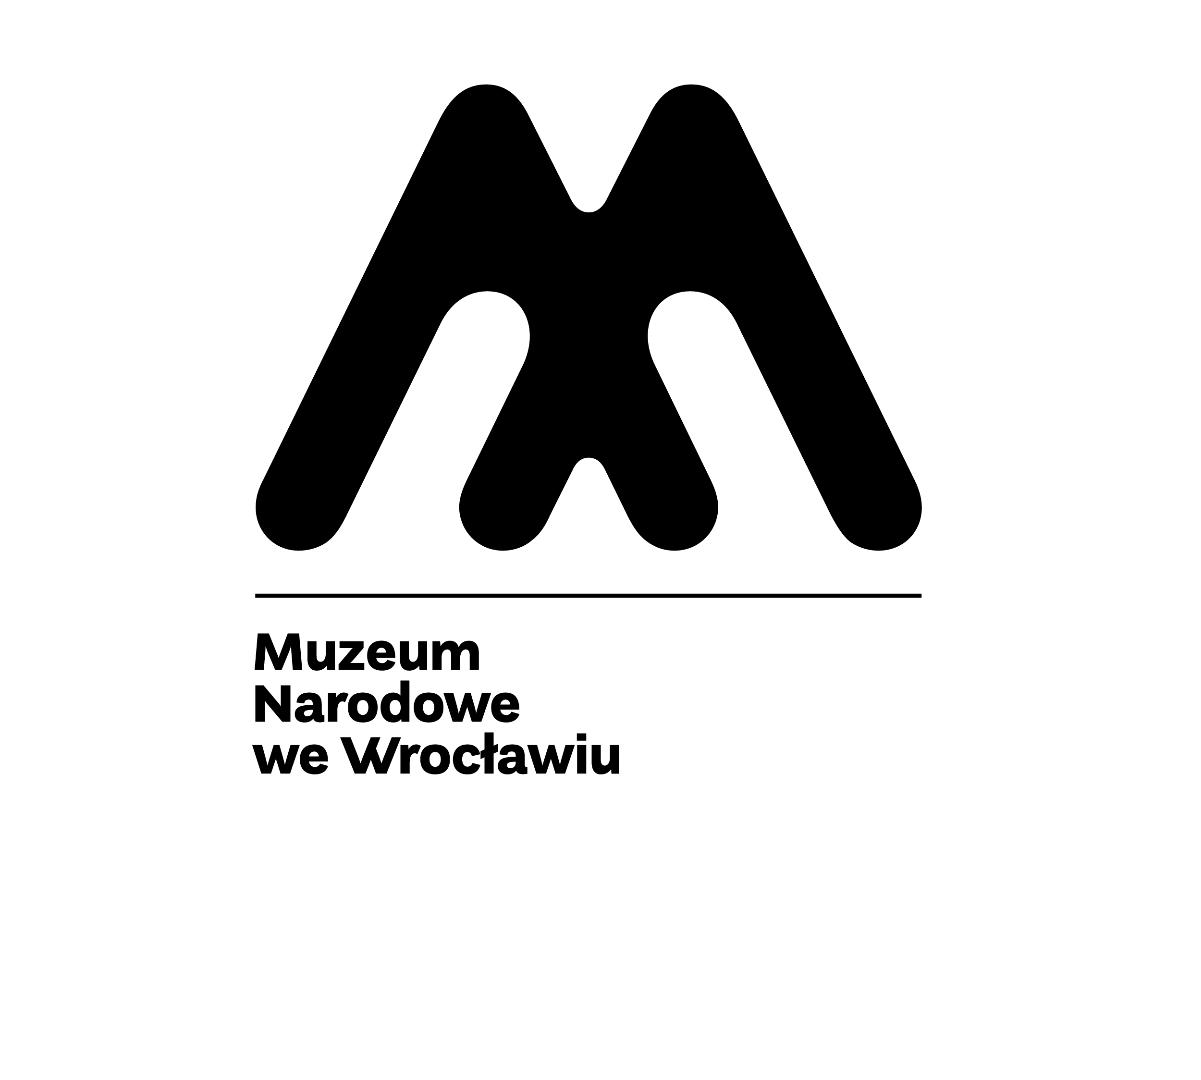 Znalezione obrazy dla zapytania muzeum narodowe we wrocławiu